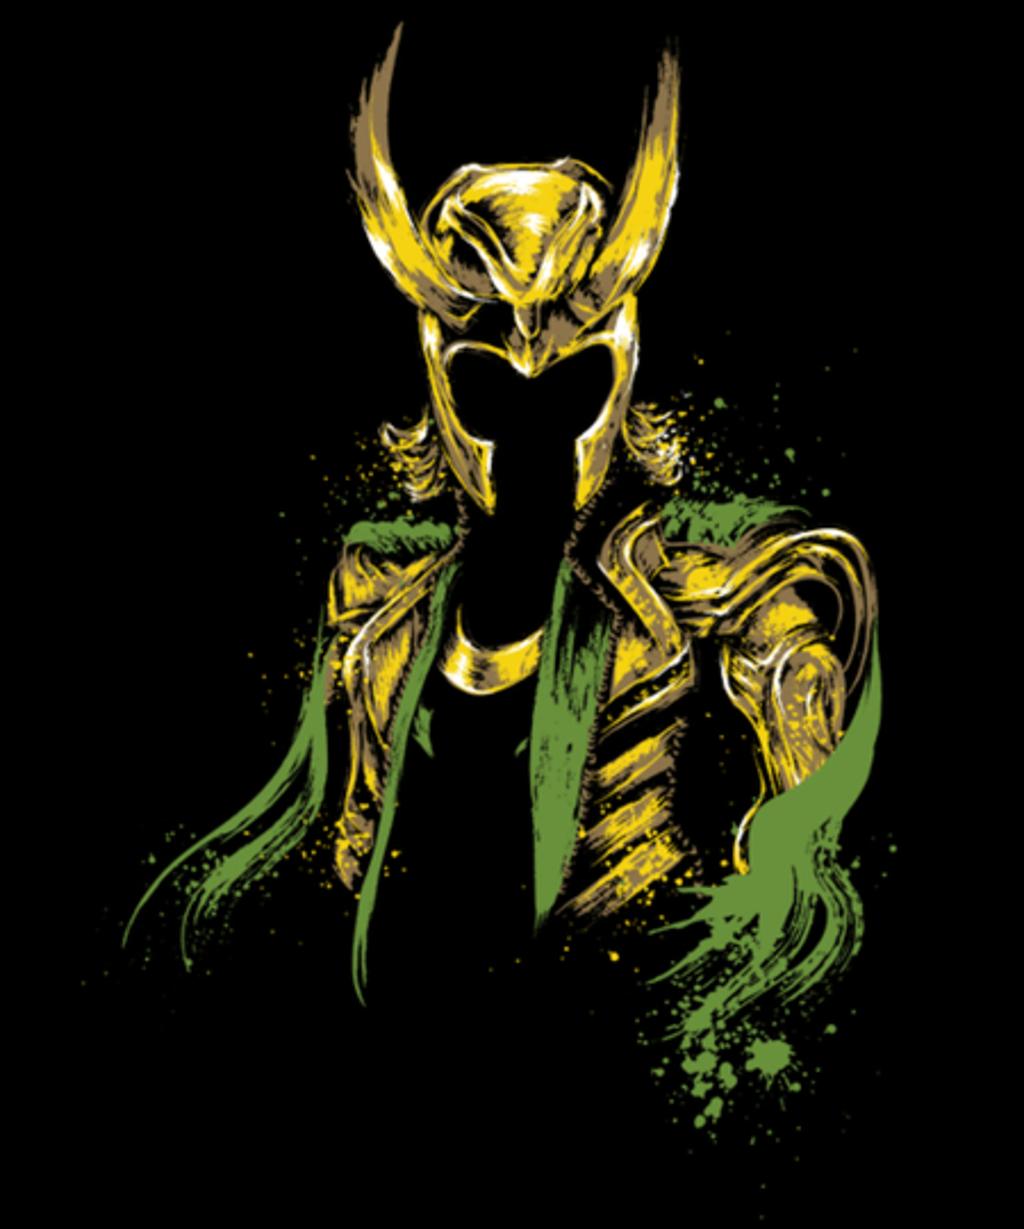 Qwertee: The God of Mischief